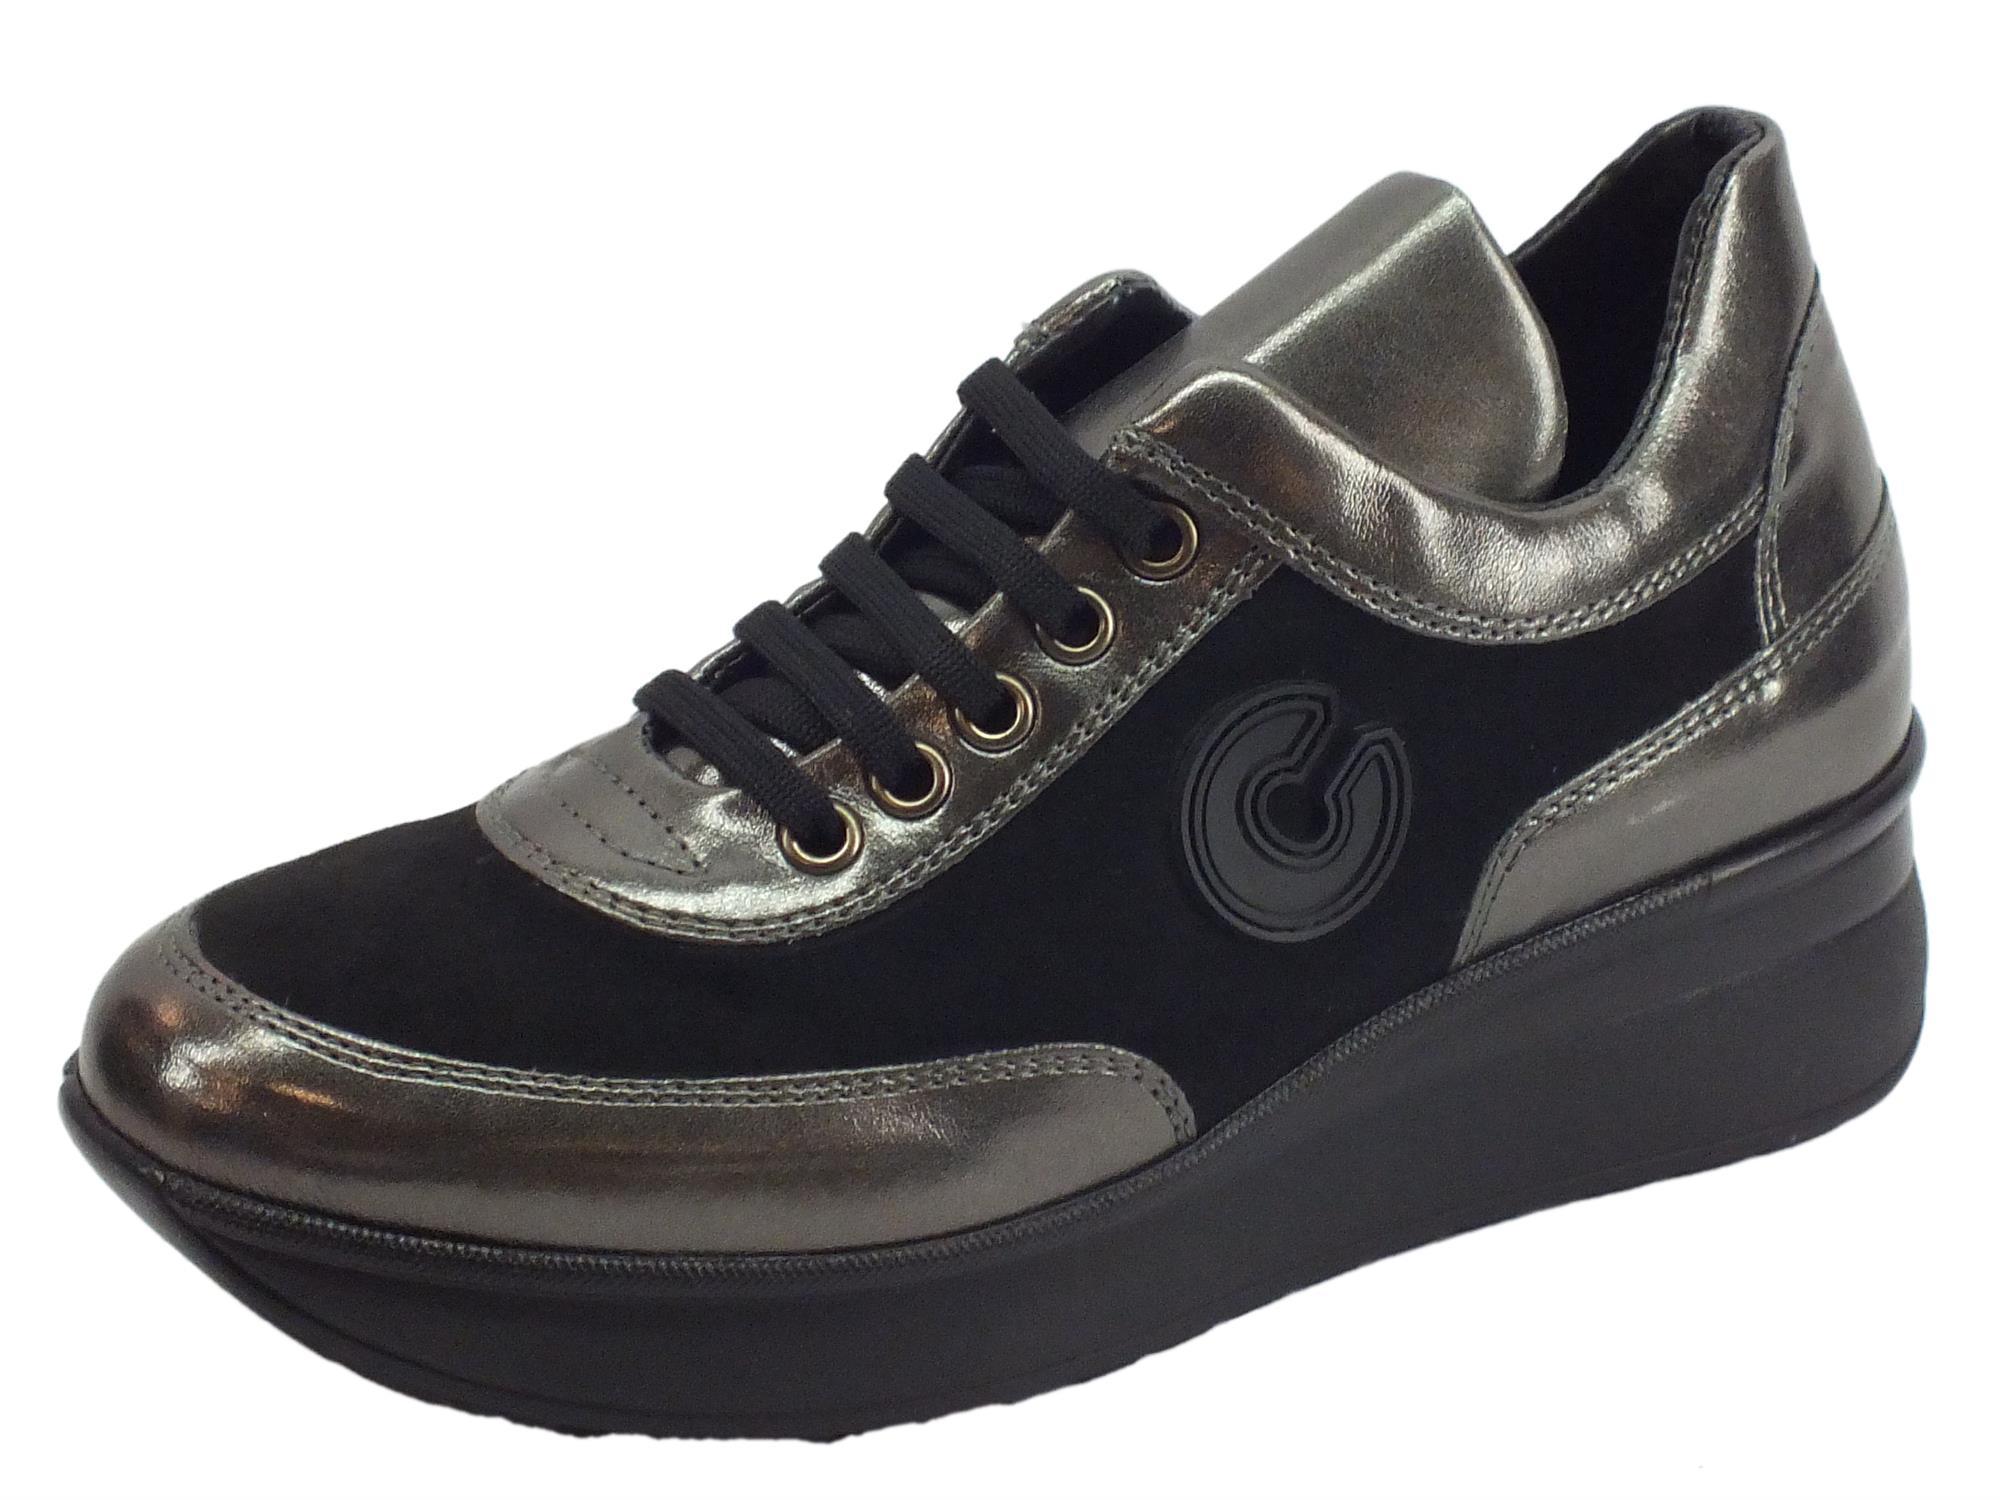 Sneakers Confort Cinzia Soft per donna in camoscio nero e pelle grigia d62ea1a50cc